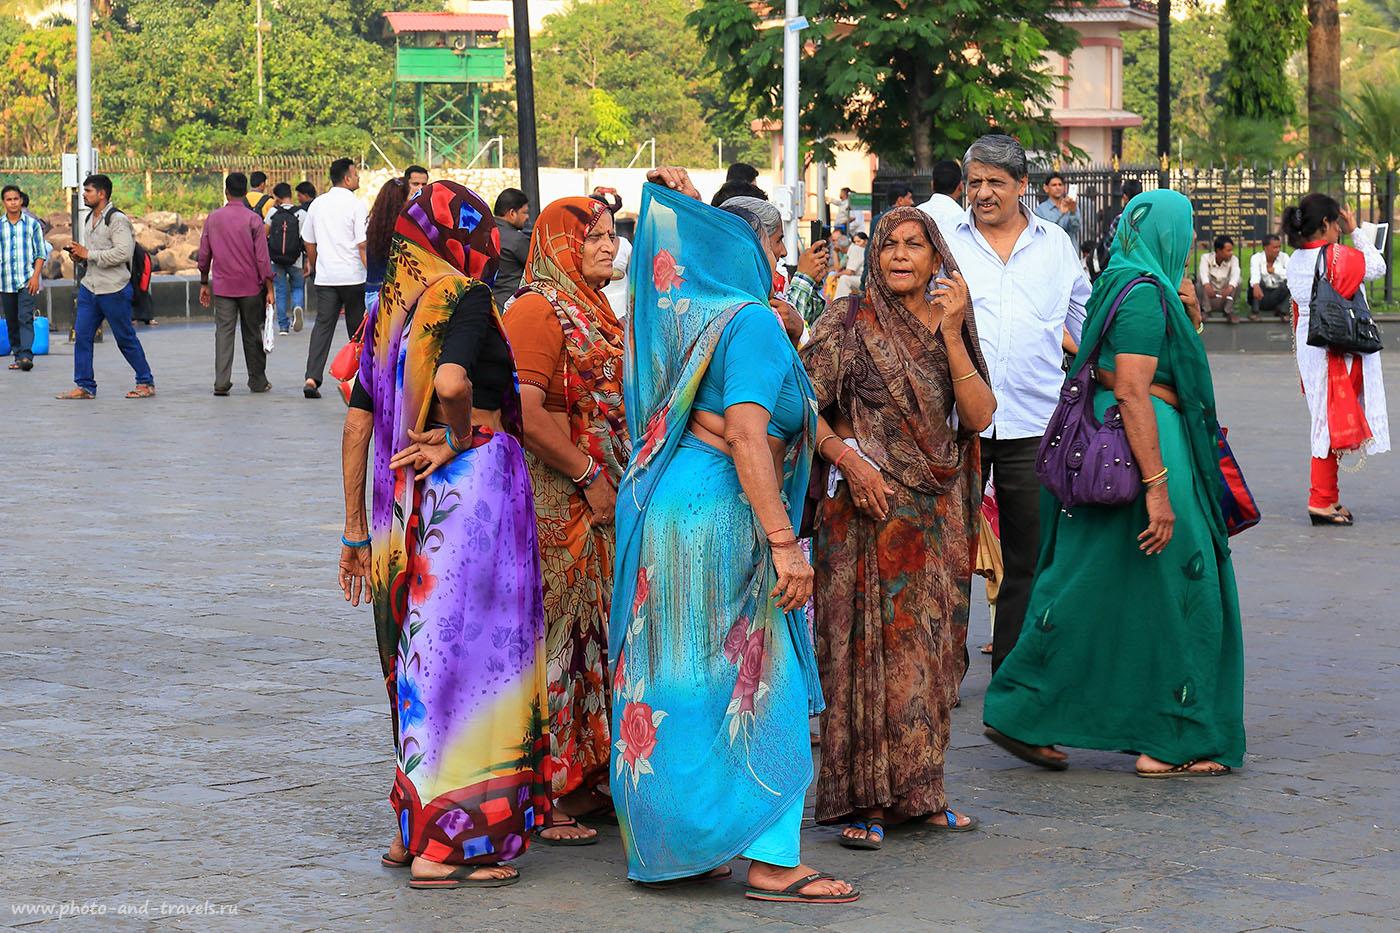 27. Группа дам у монумента. Вечер в Мумбаи. Отзыв о самостоятельной поездке (24-70,1/125, -1eV, f9, 70 mm, ISO 100)